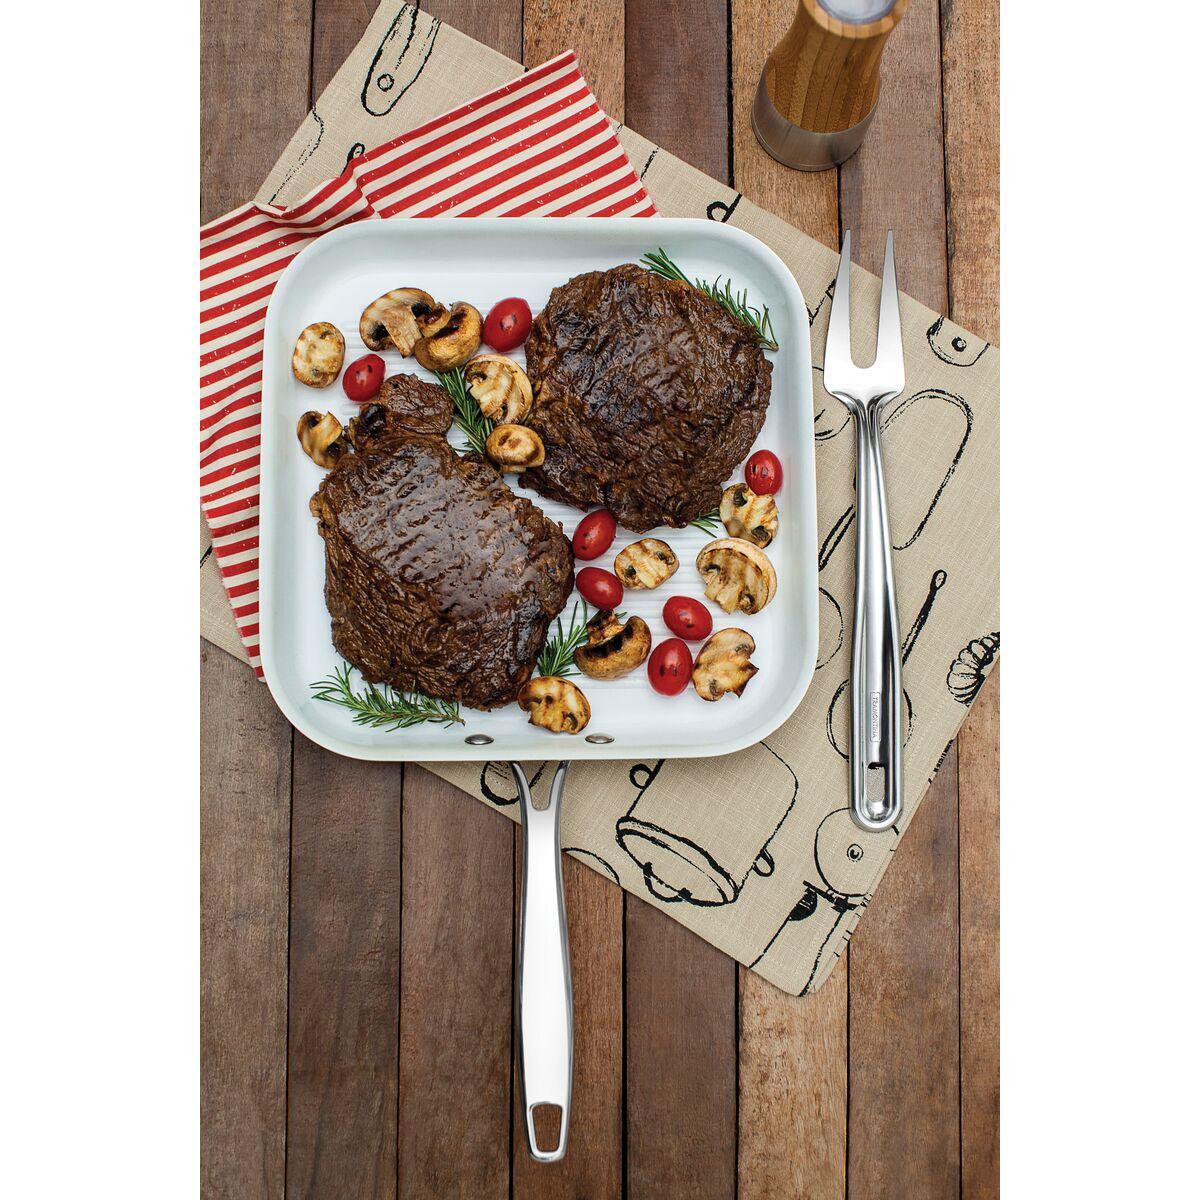 Tramontina plancha acero inoxidable con revestimiento for Revestimiento ceramico cocina